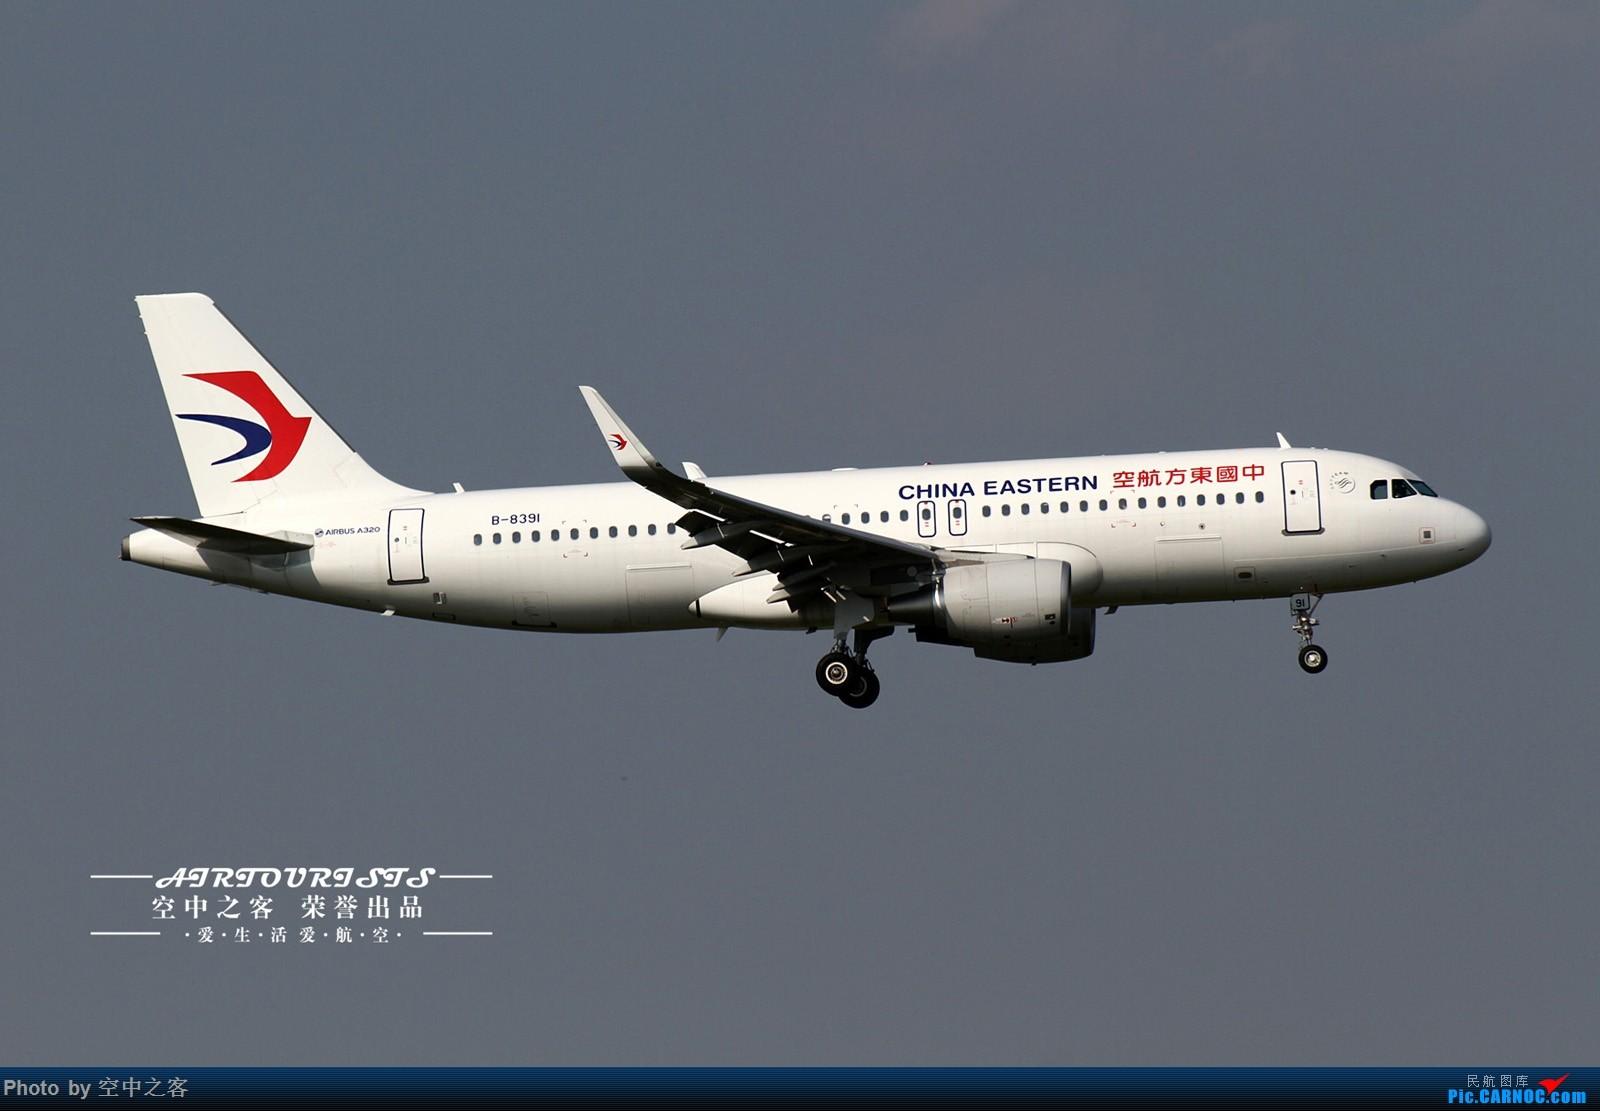 Re:[原创][合肥飞友会·霸都打机队 空中之客出品]少有的周末大晴天 来一场说走就走的拍机(1+1) AIRBUS A320-200 B-8391 合肥新桥国际机场